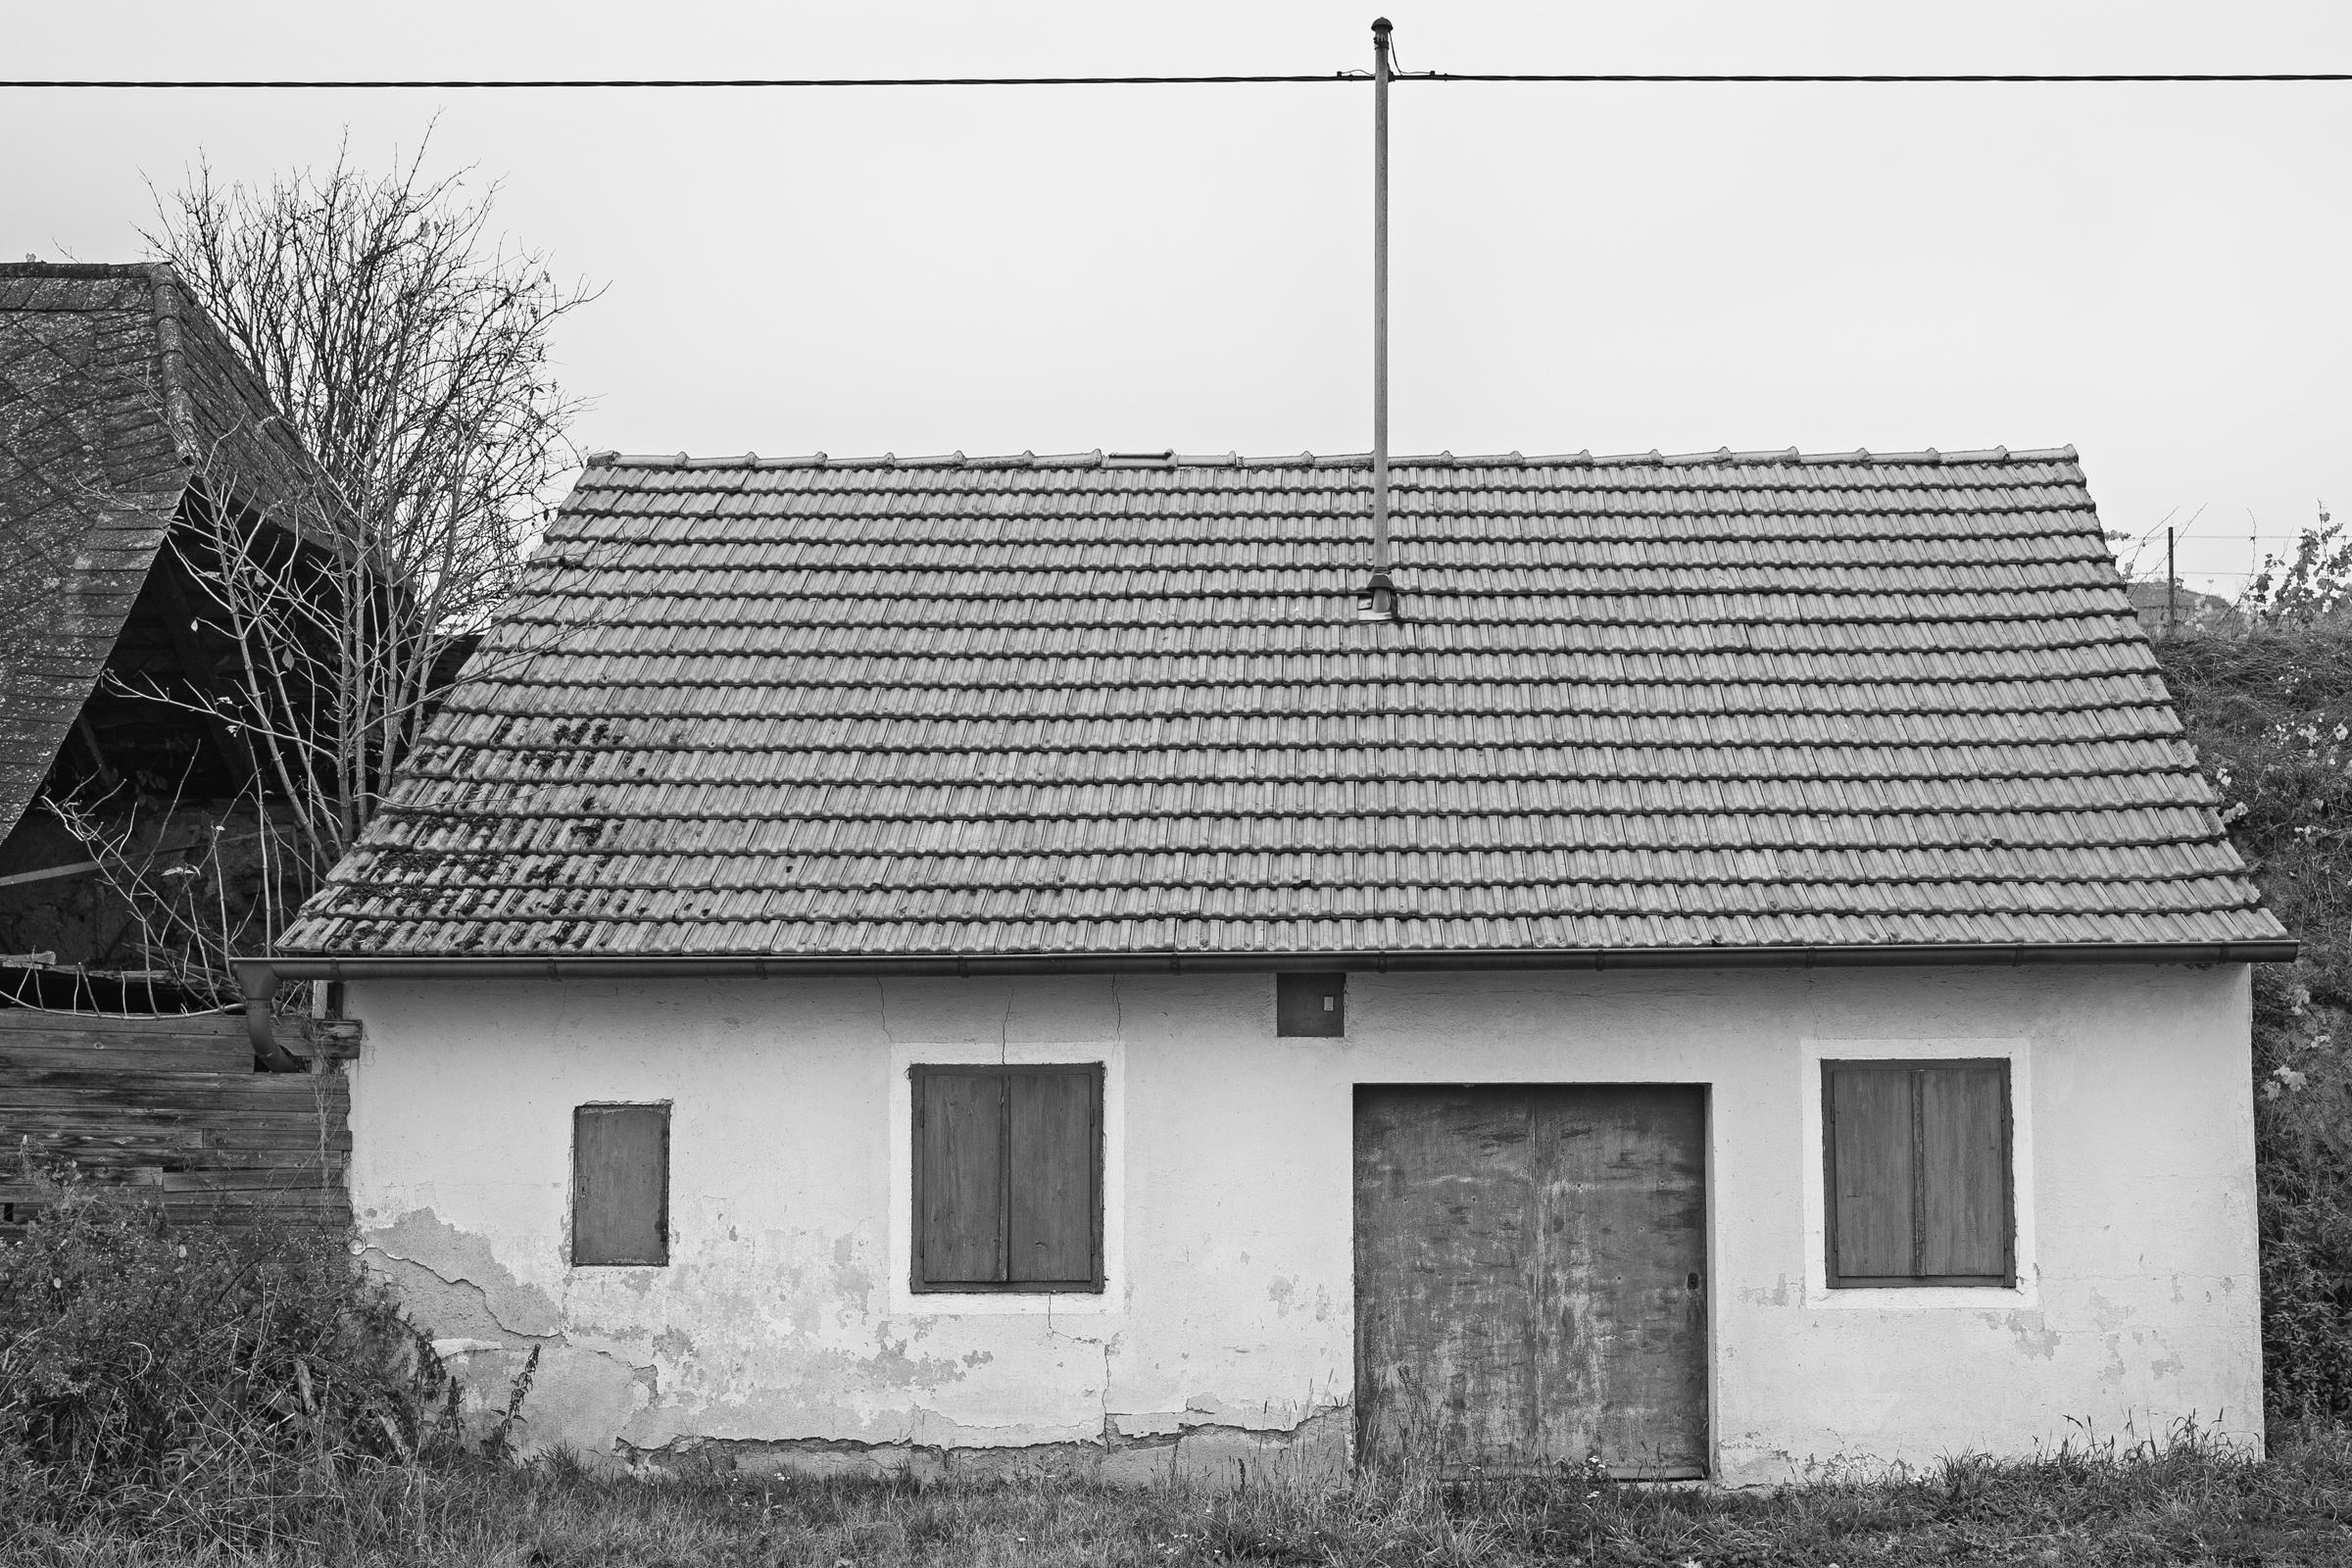 wienerstrasse-21.jpg